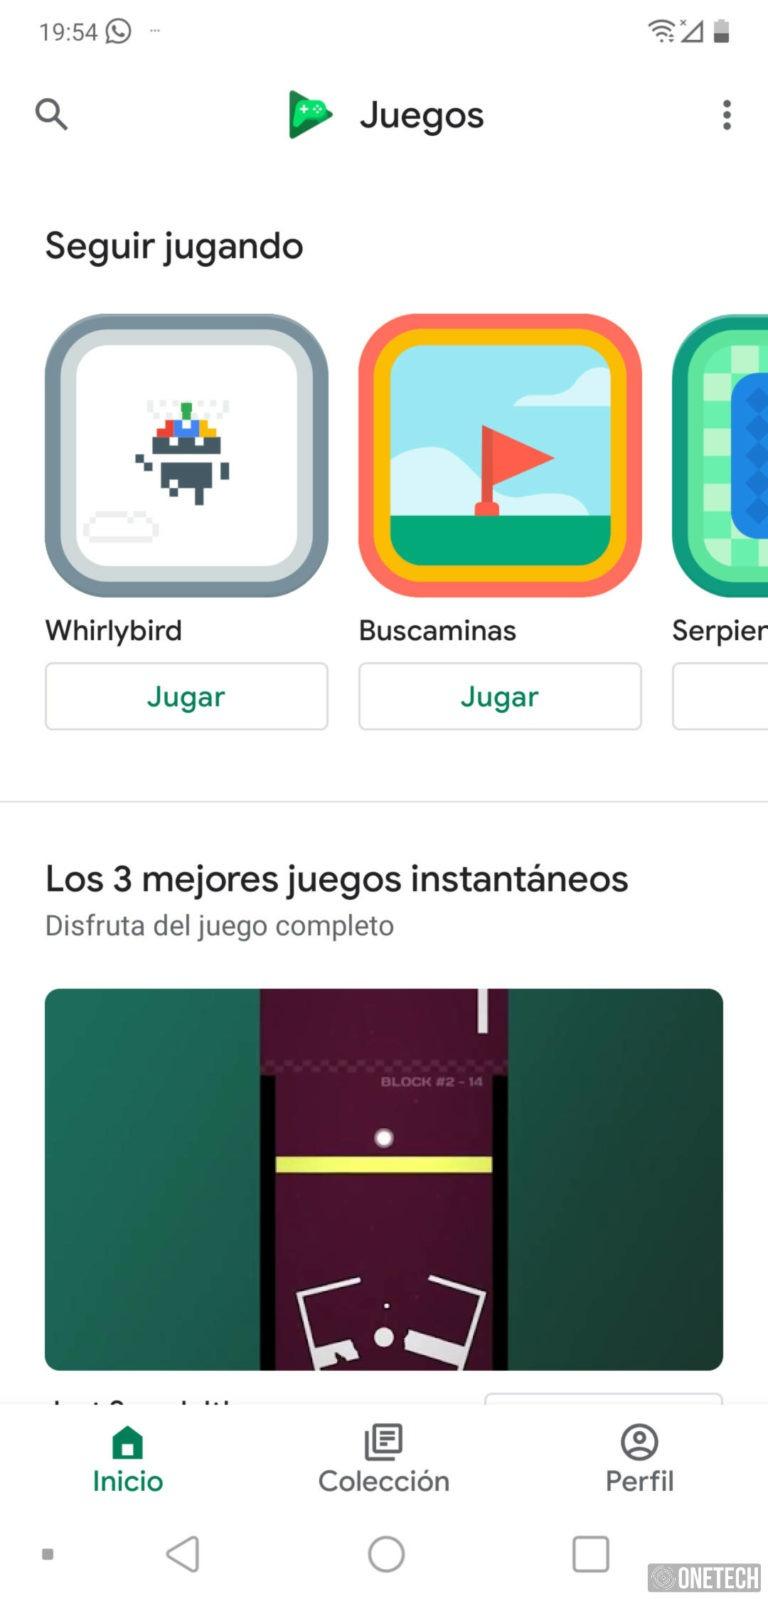 Google Play Juegos estrena un nuevo diseño 3